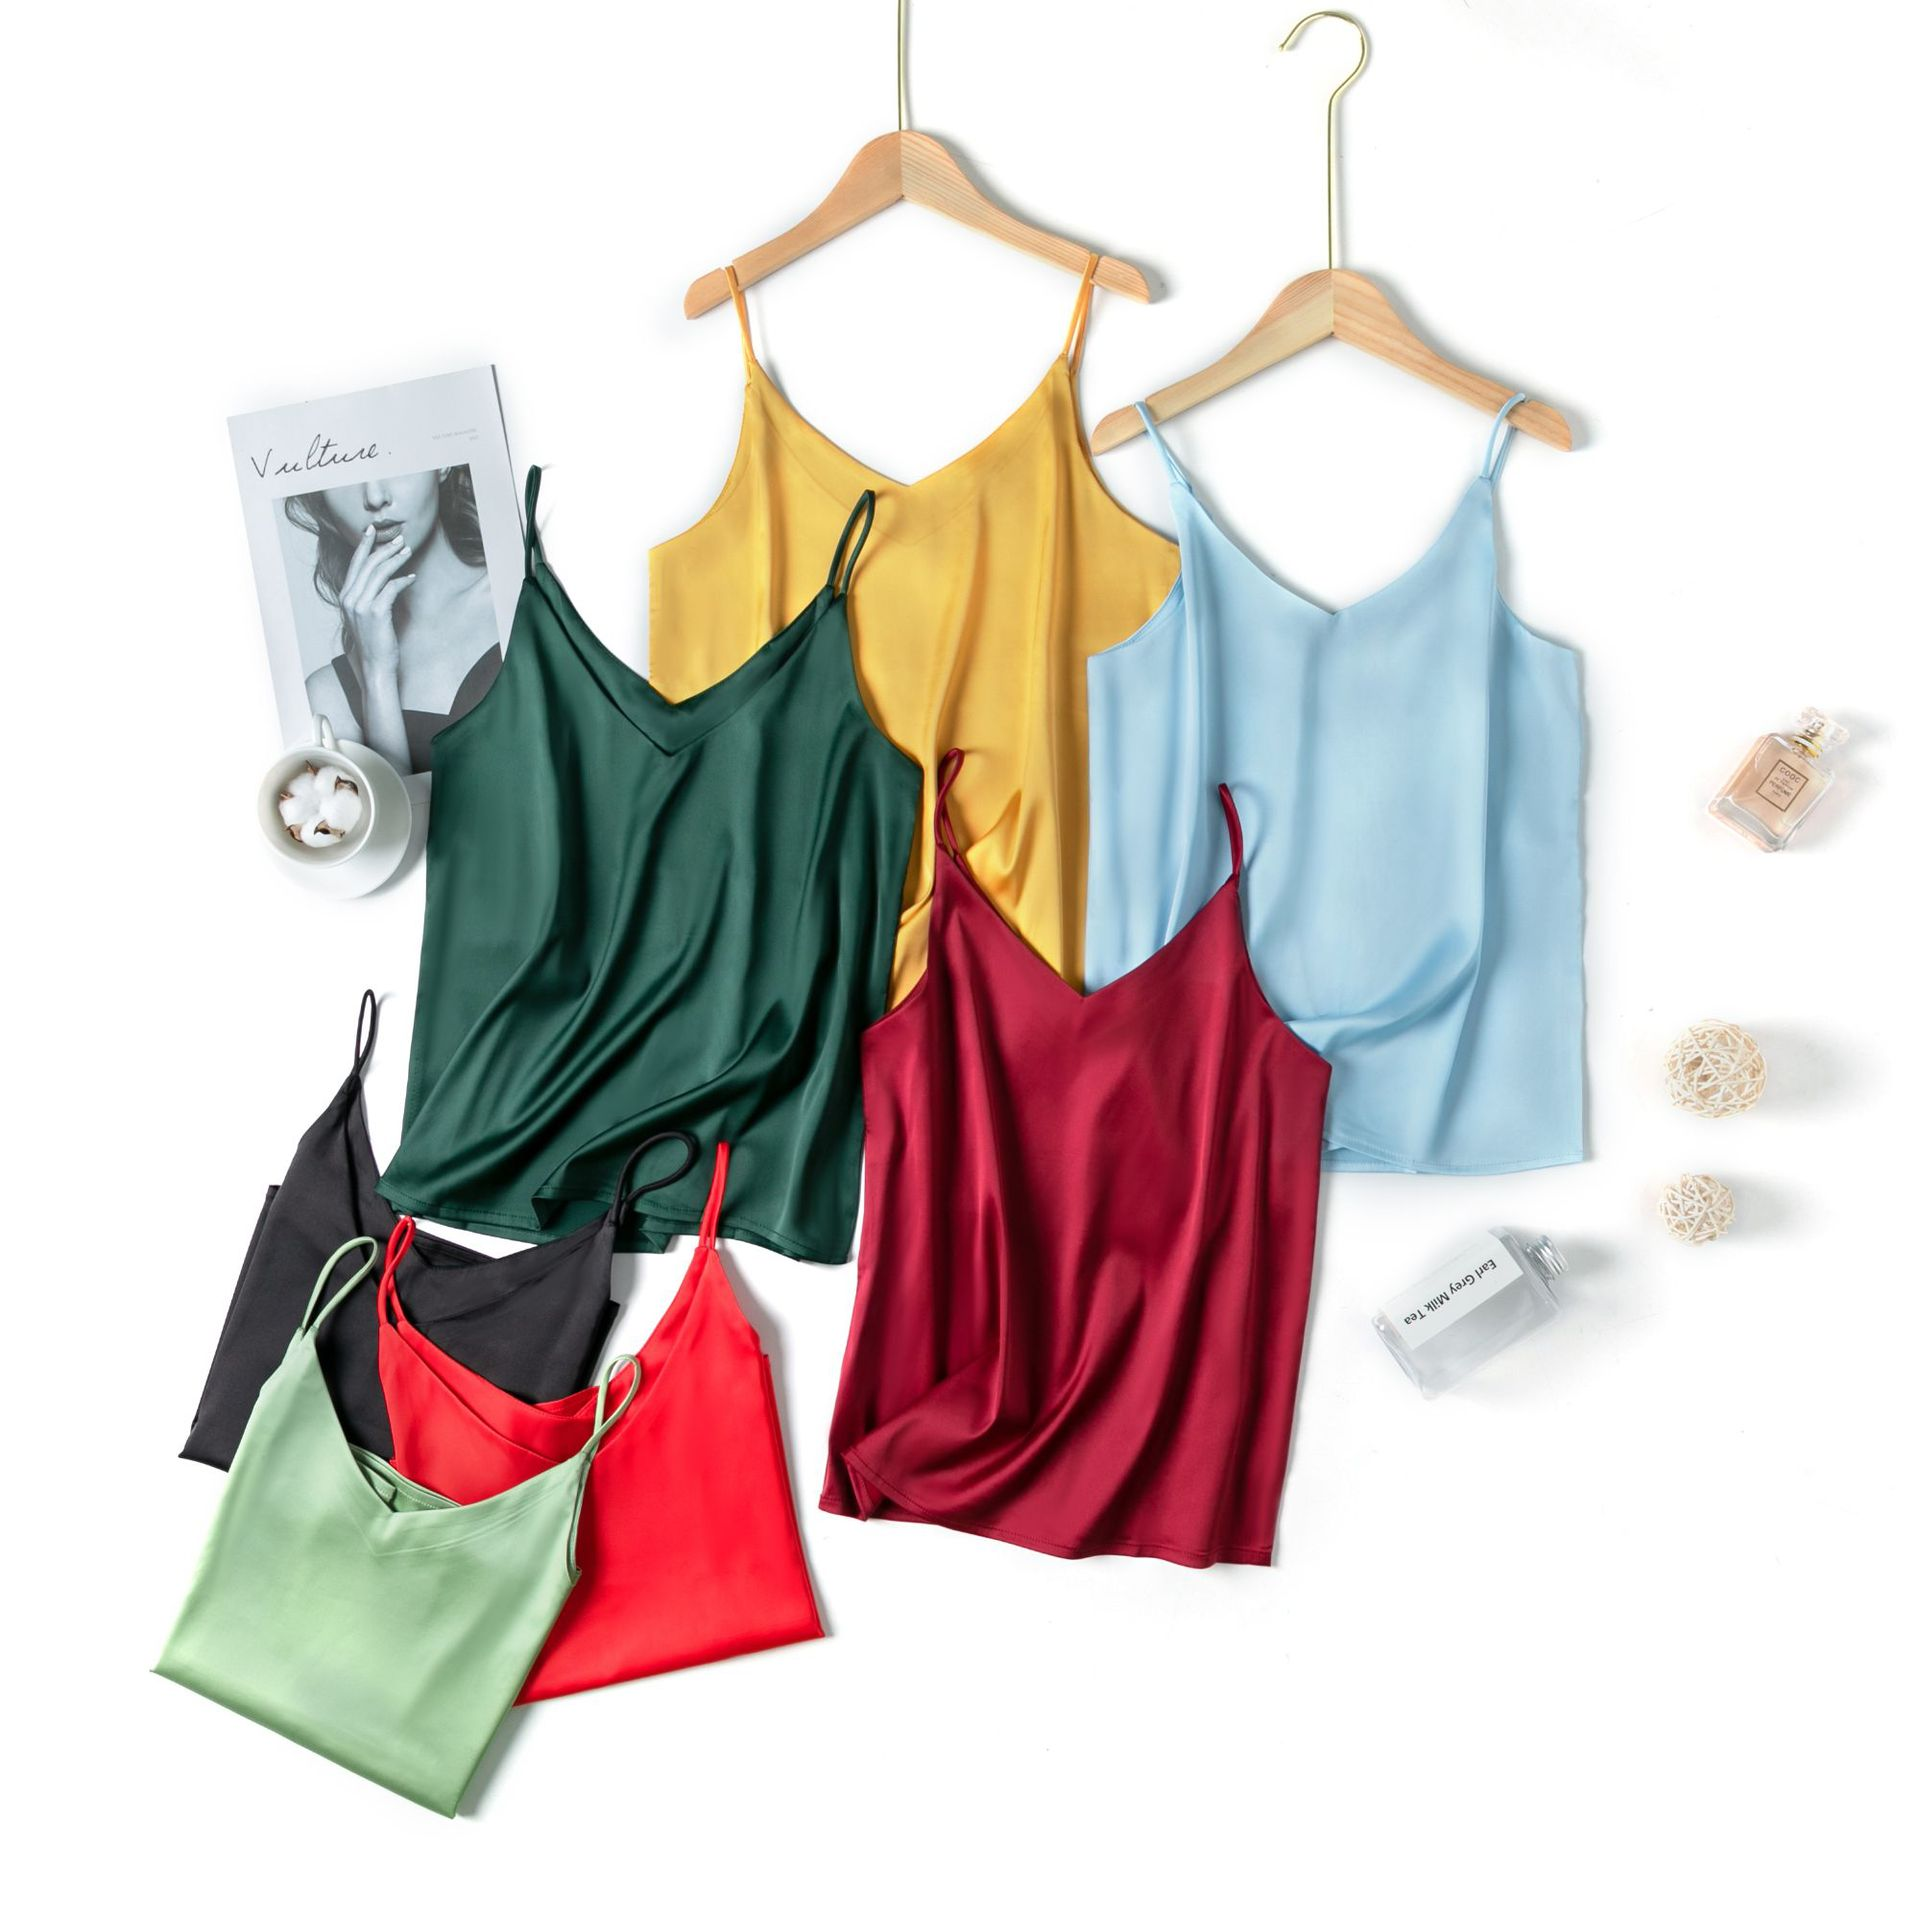 真丝吊带V领背心女士打底衫短款大码冰丝外穿无袖小内搭丝绸缎